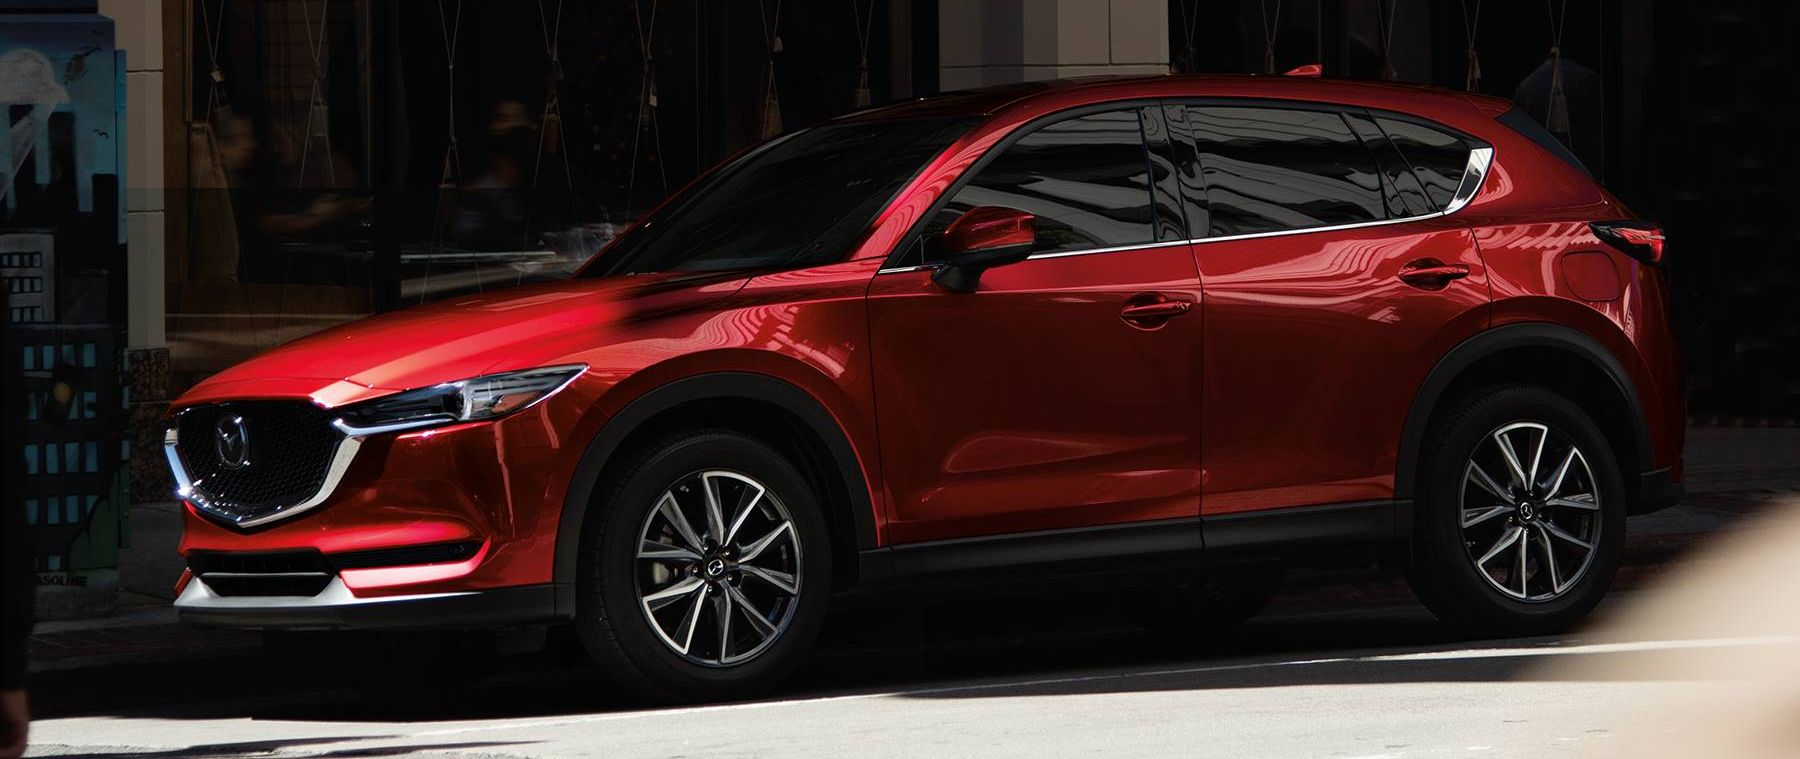 2018 Mazda CX-5 vs 2018 Honda CR-V near Rockville, MD